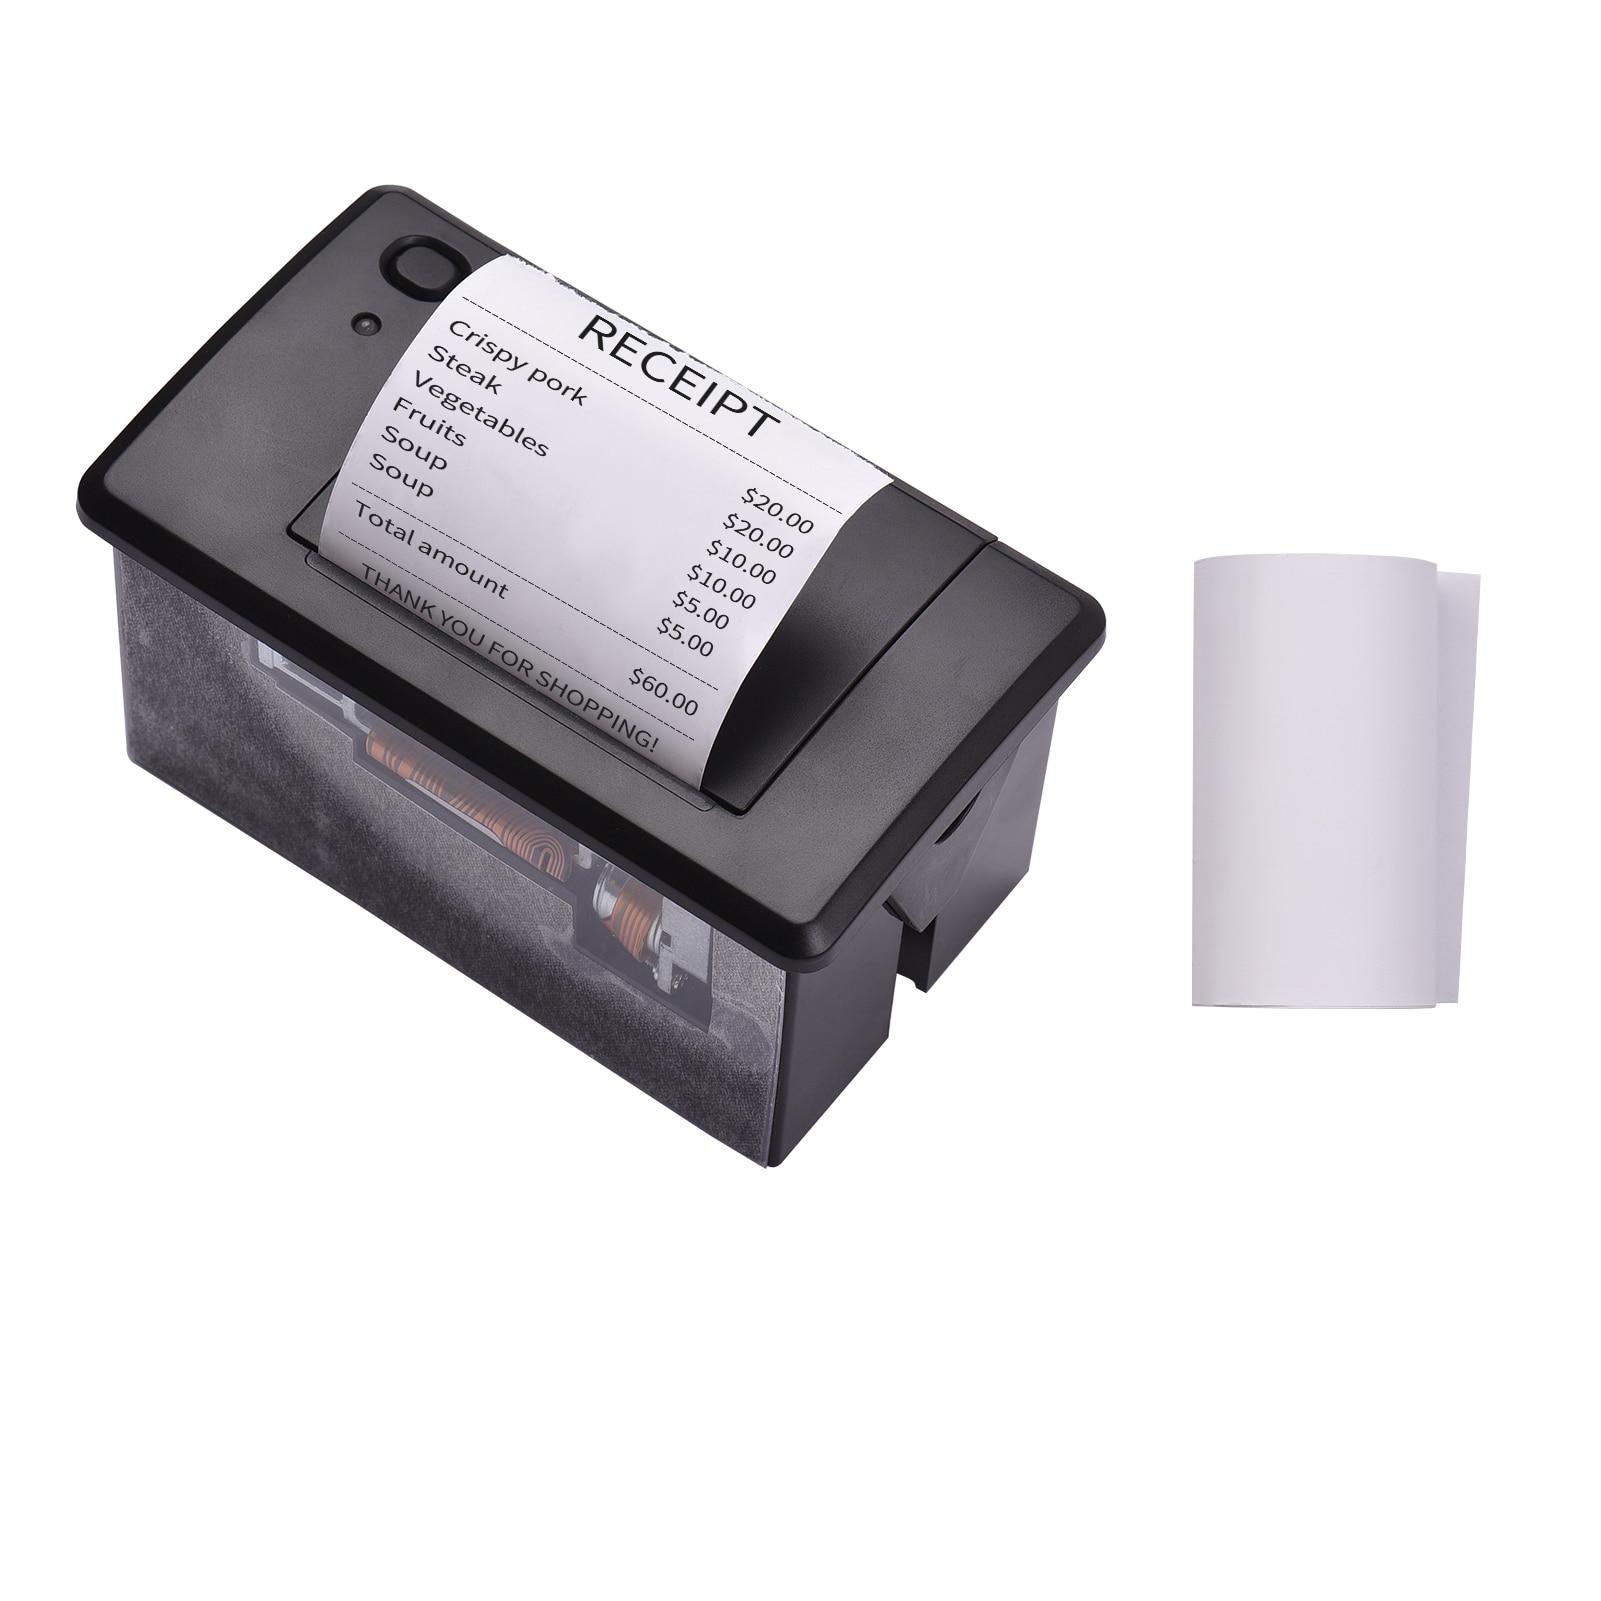 Aiebcy طباعة صغيرة 58 مللي متر جزءا لا يتجزأ من الحرارية استلام وحدة الطابعة منخفضة الضوضاء مع USB/RS232/TTL المنفذ التسلسلي لتسجيل النقدية